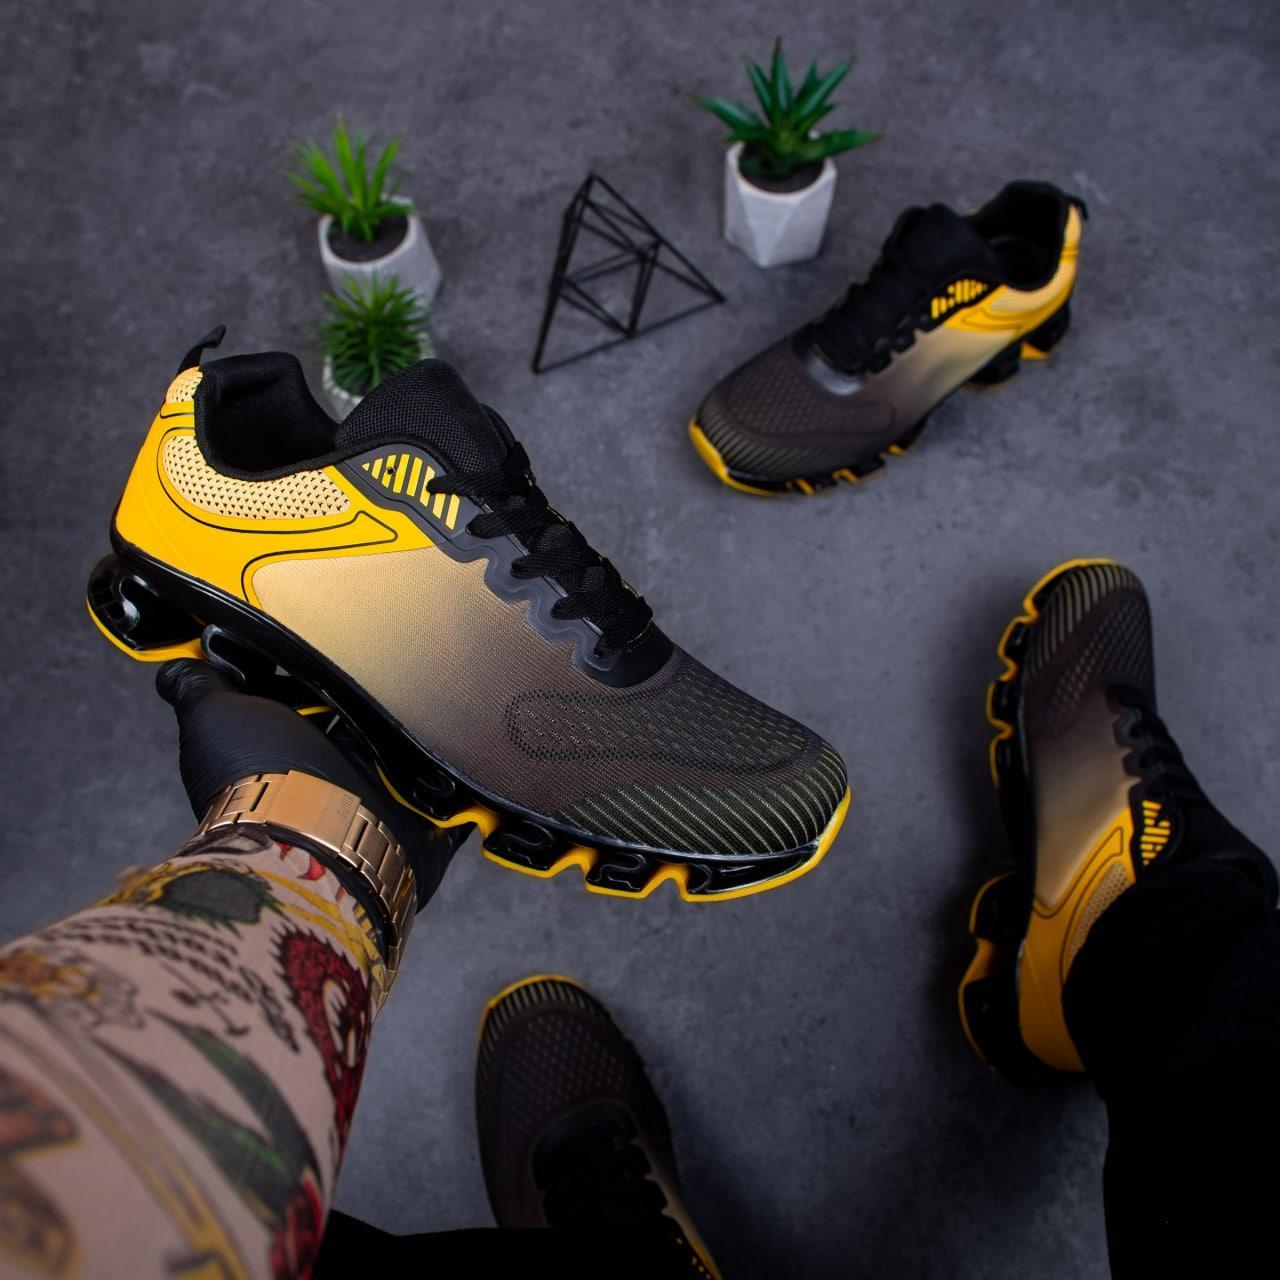 Чоловічі кросівки Дифено Пента ОФФ (чорно-жовті)